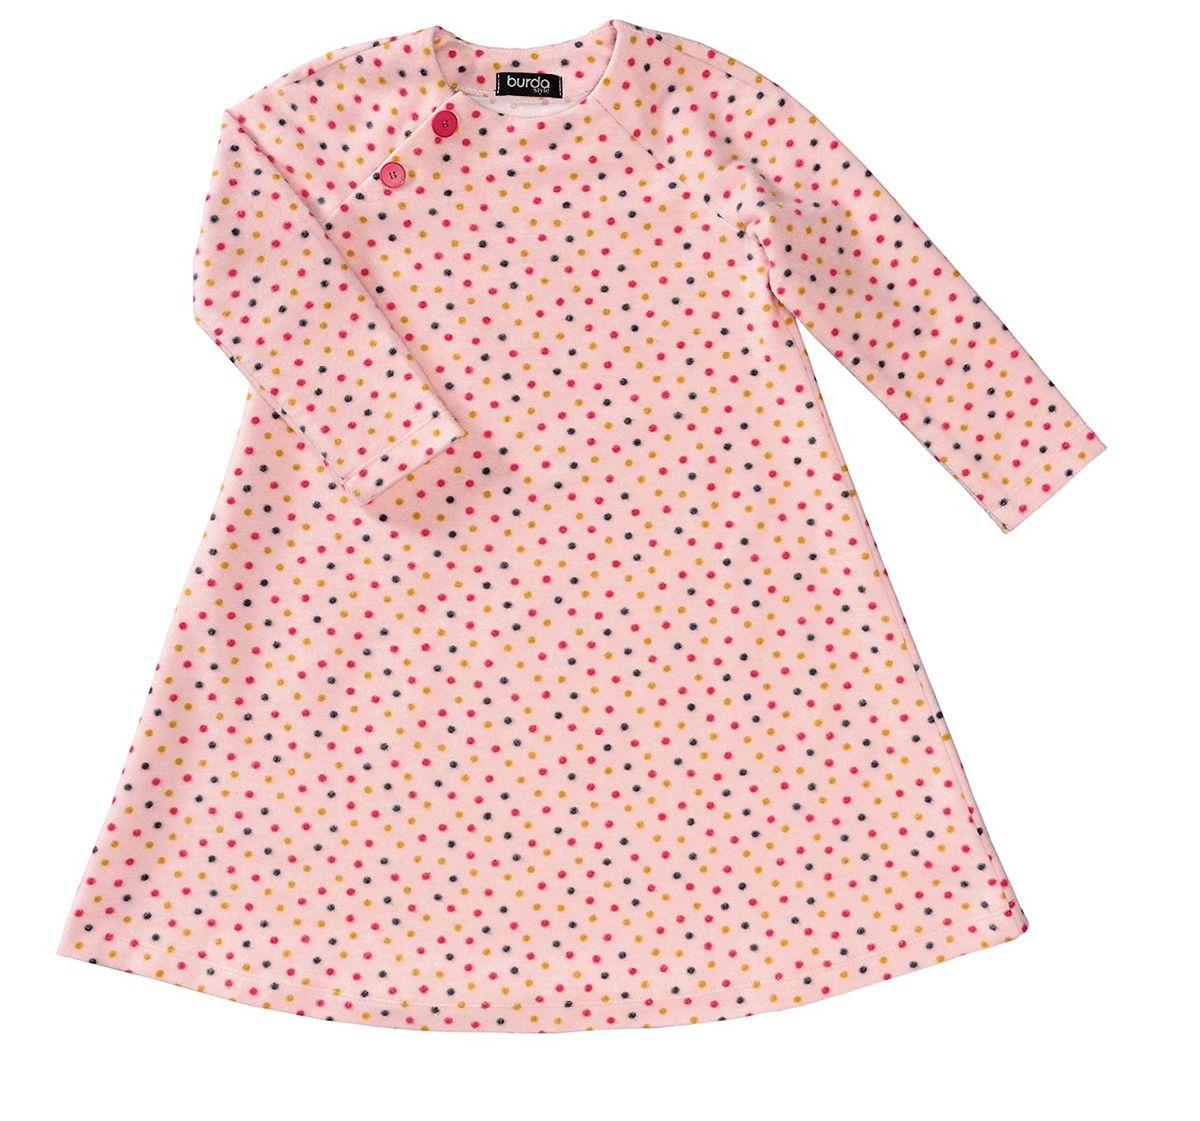 Patron de robe - Burda 9291